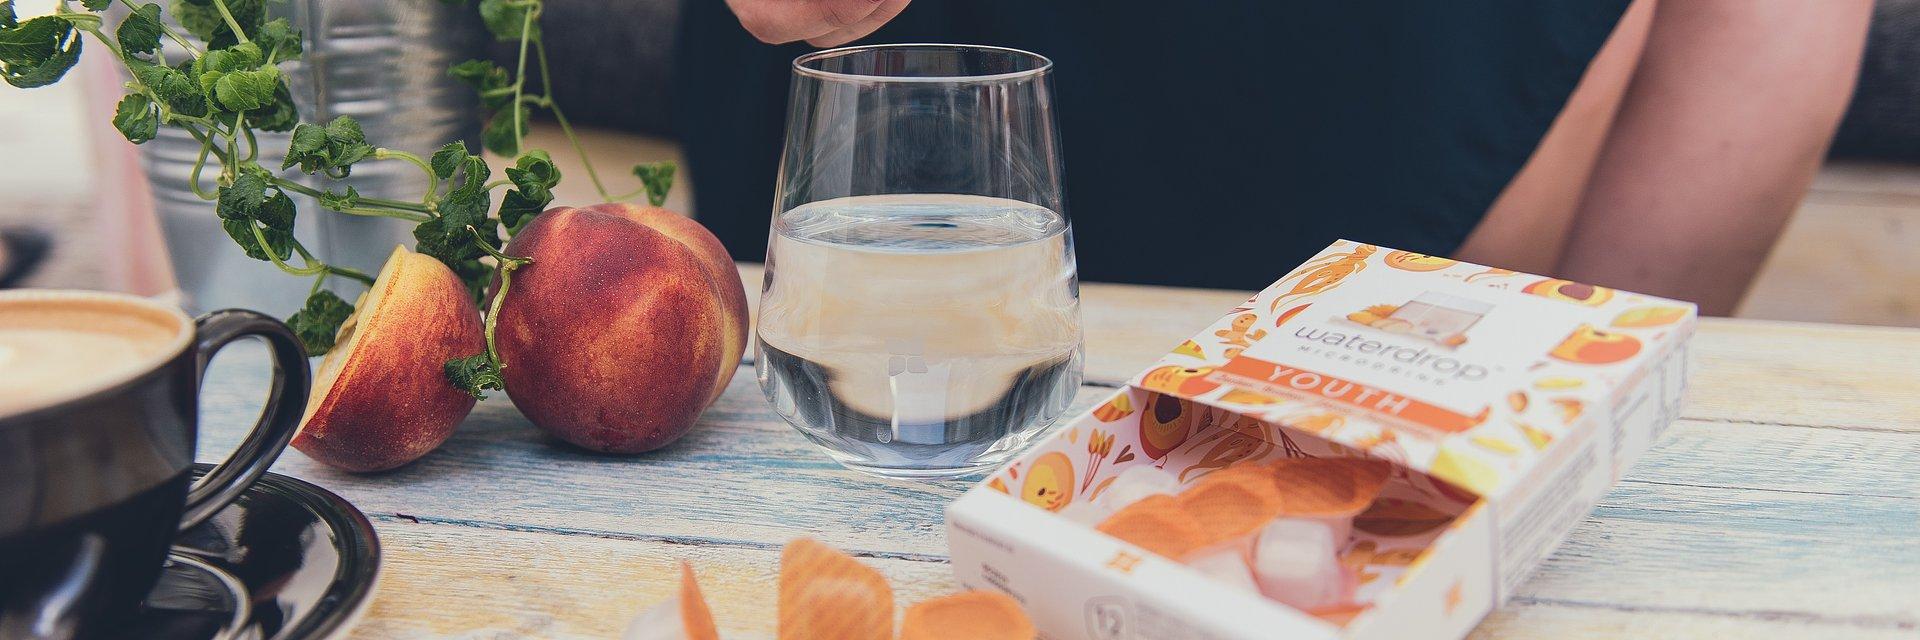 Picie wody w trakcie diety – dlaczego warto o nim pamiętać?